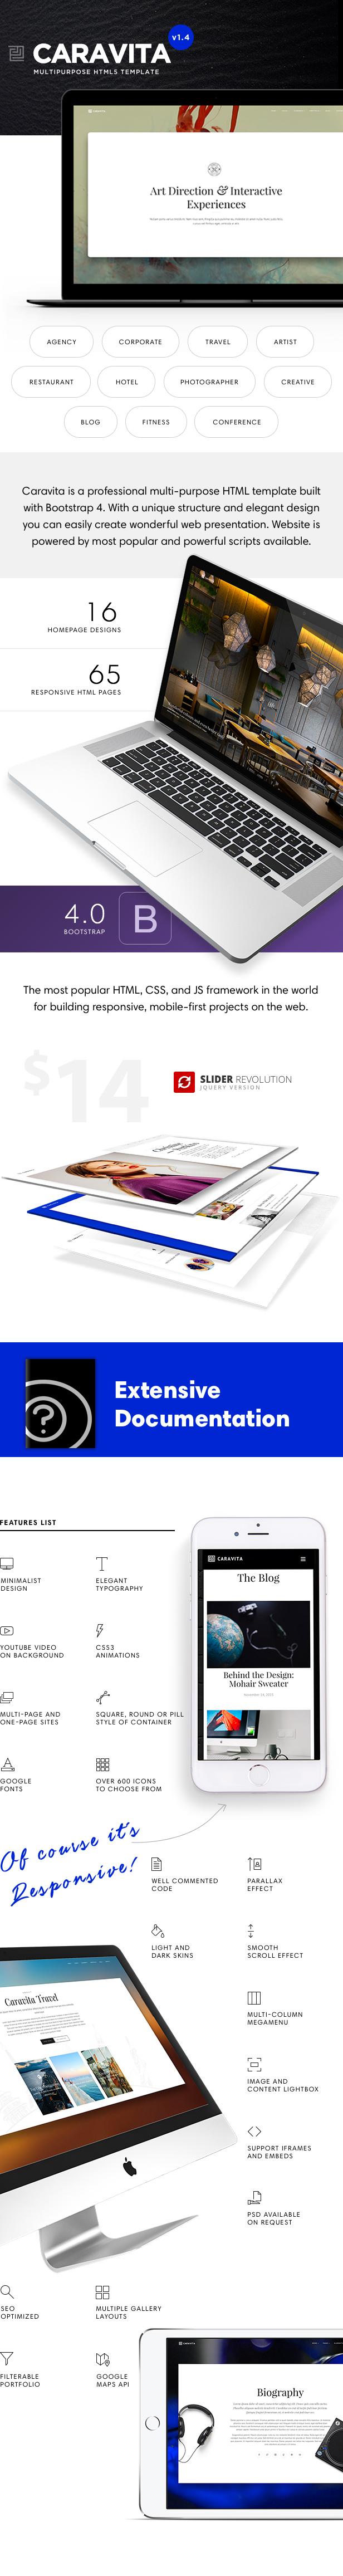 Caravita - Multipurpose HTML5 Template - 1